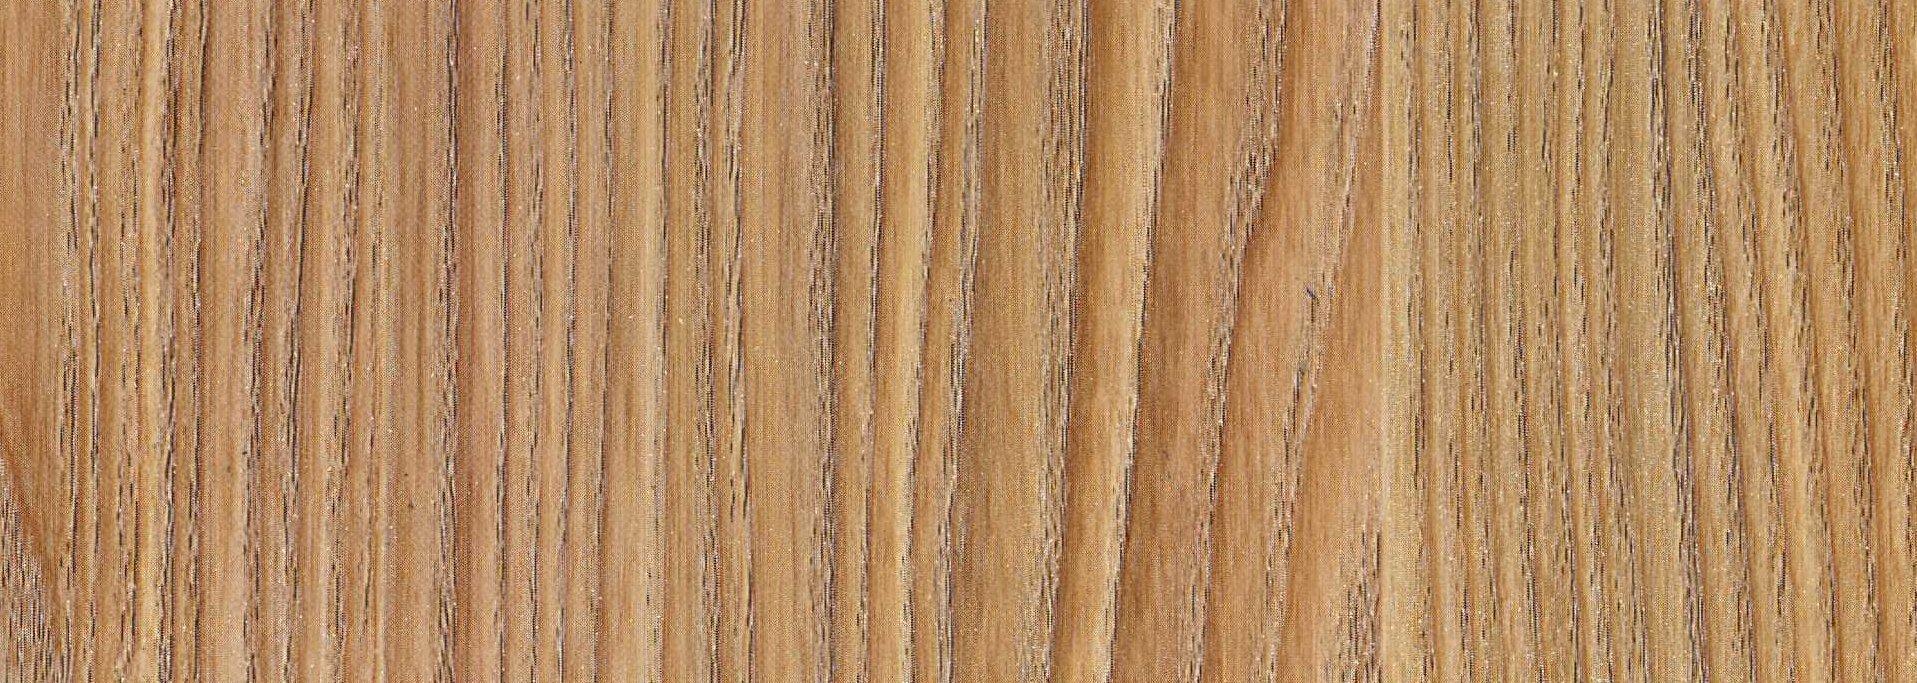 Plakfolie Eiken 3880 - 67,5cm x 15m